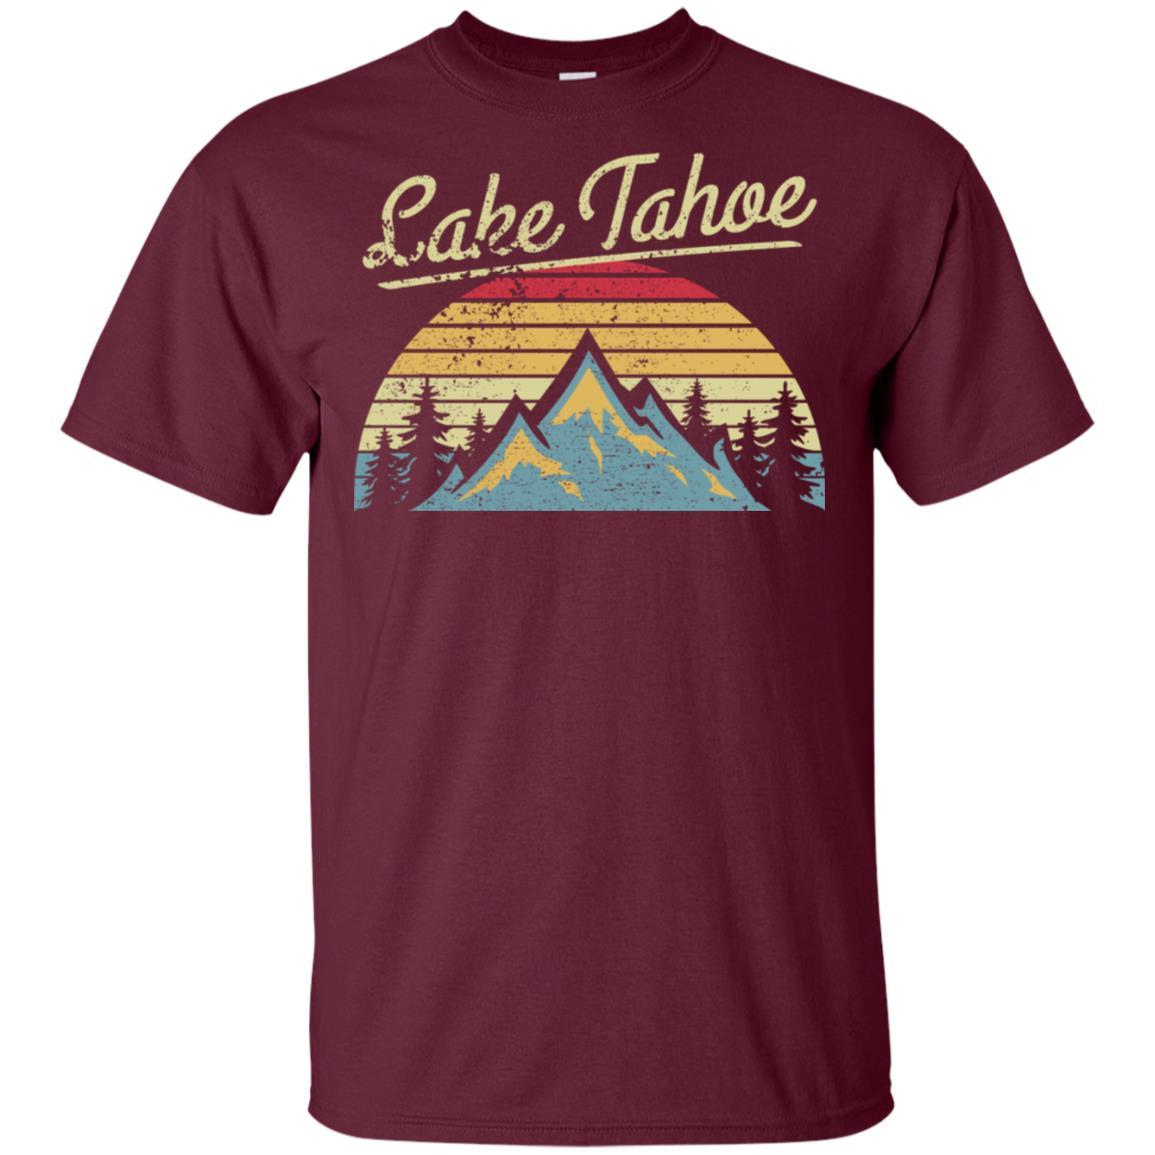 Vintage Retro Lake Tahoe National Forest Unisex Short Sleeve